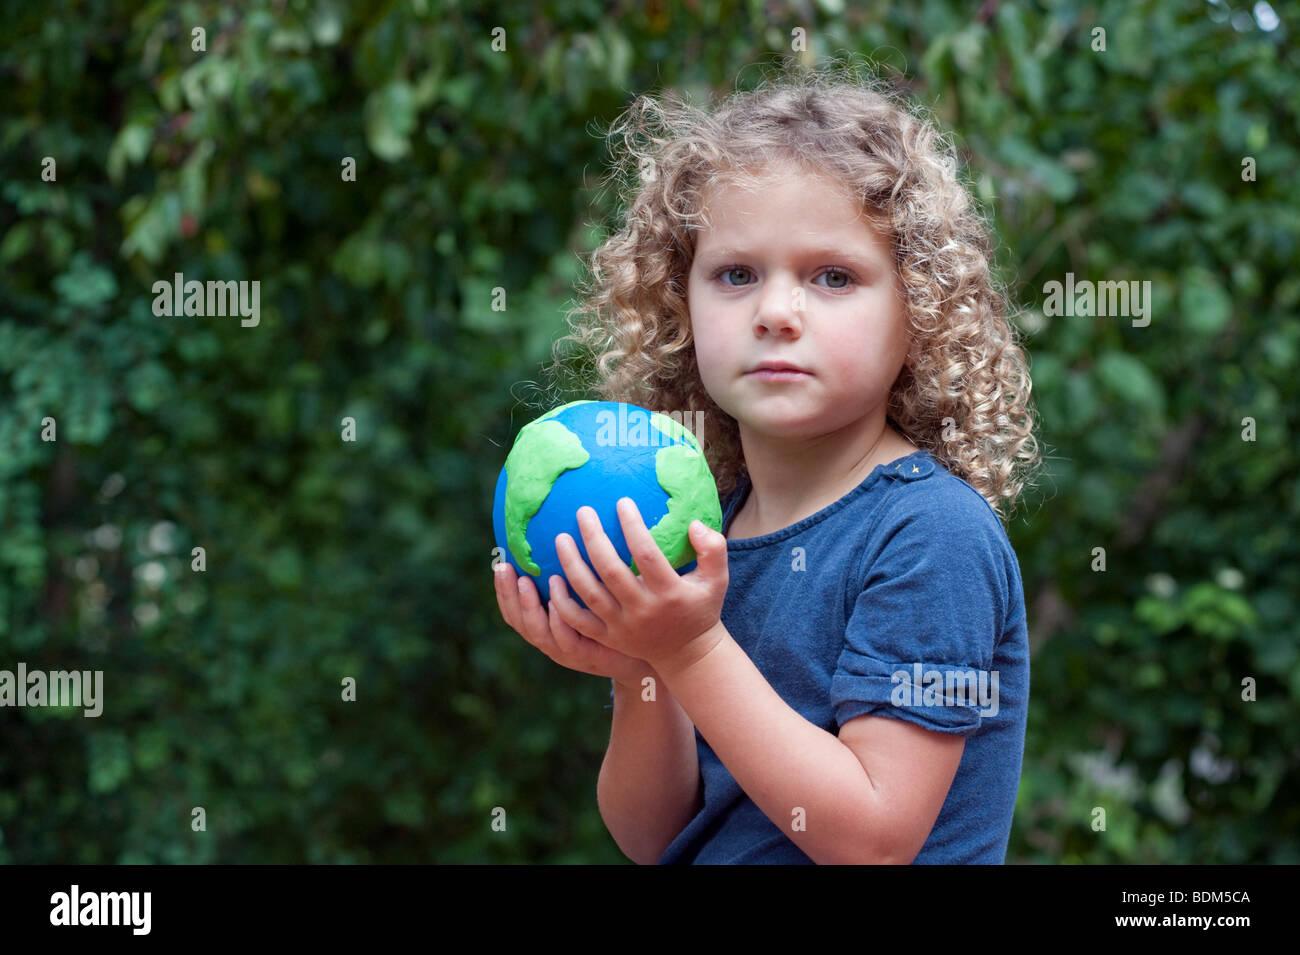 Junges Mädchen, ein Modell der Erde Stockbild